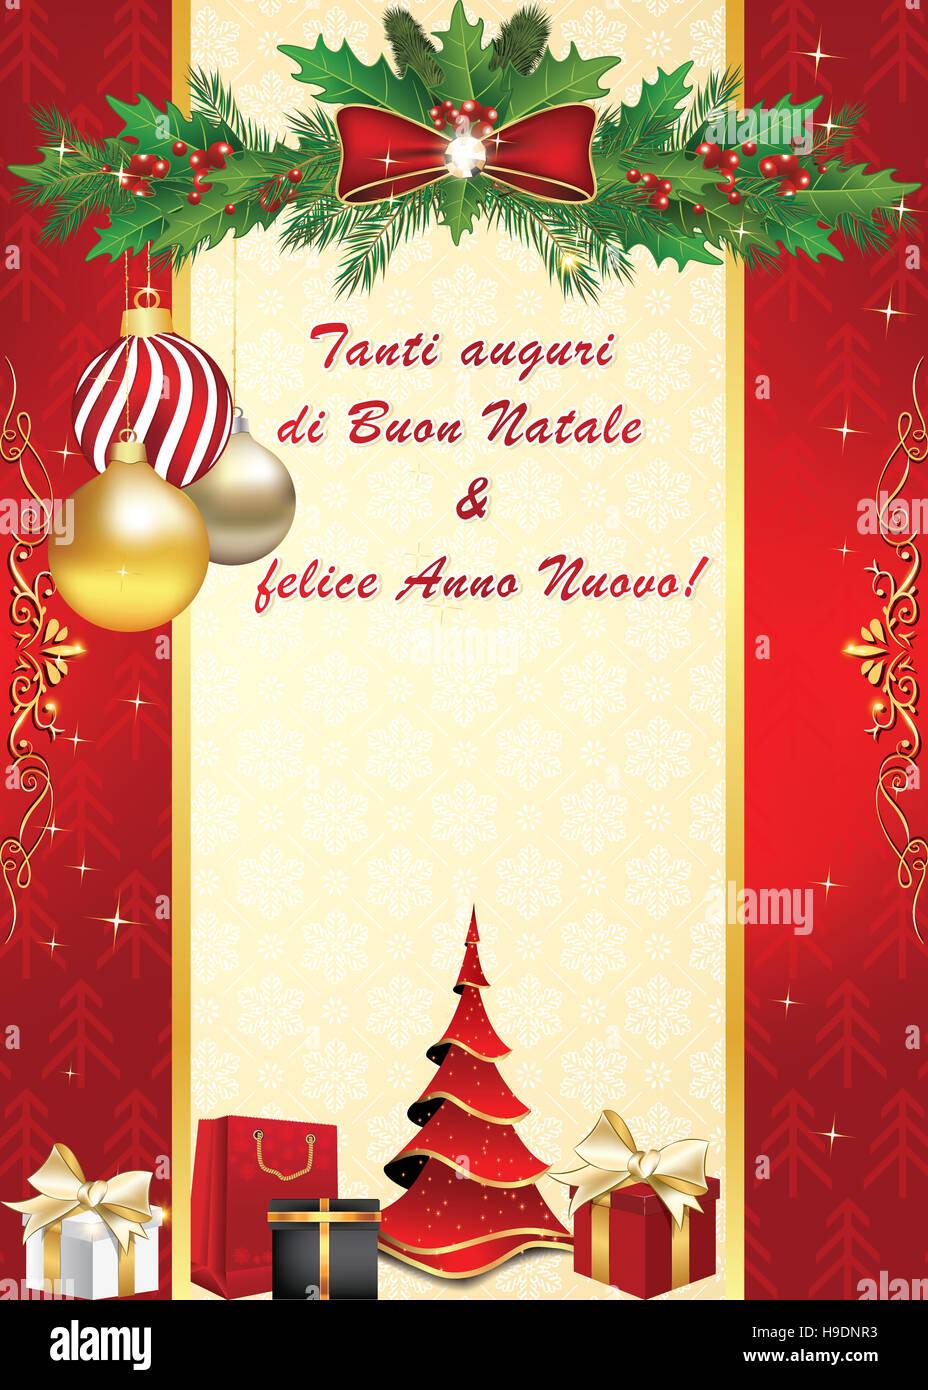 spesso Tanti auguri di Buon Natale & felice Anno Nuovo! - Biglietto Stock  XH93